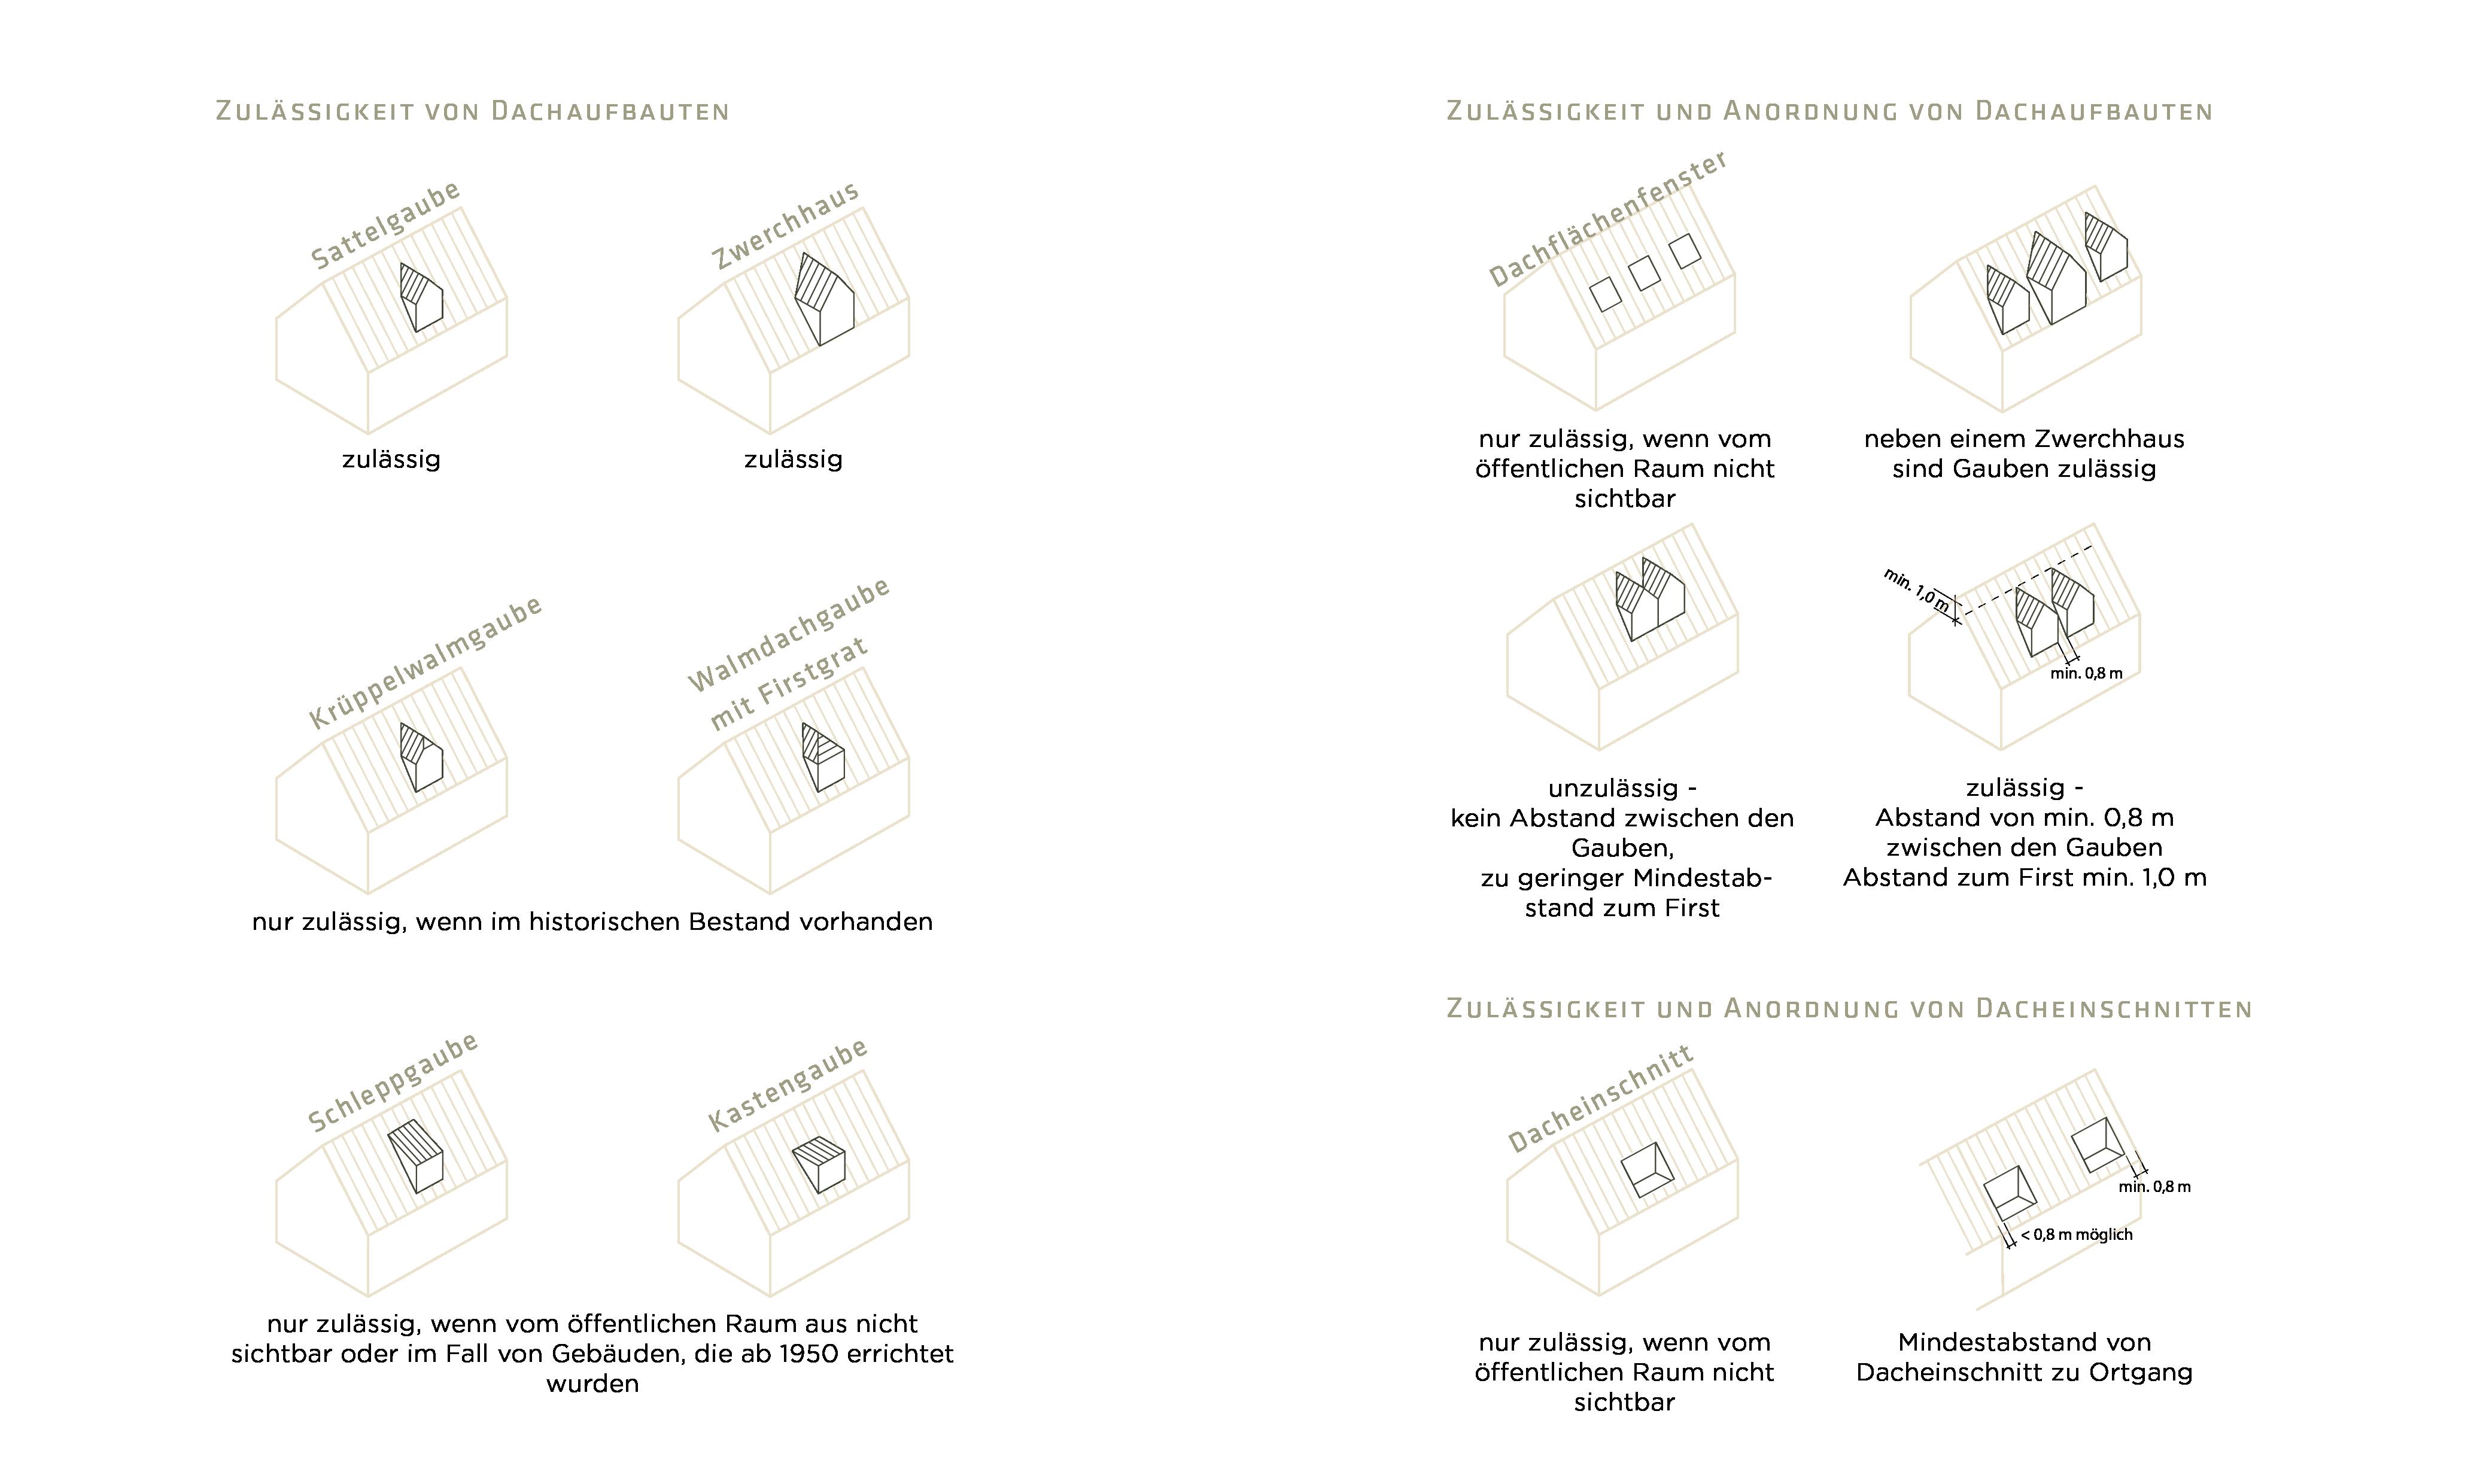 Winningen Gestaltungssatzung Dachaufbauten Zulässigkeit Anordnung